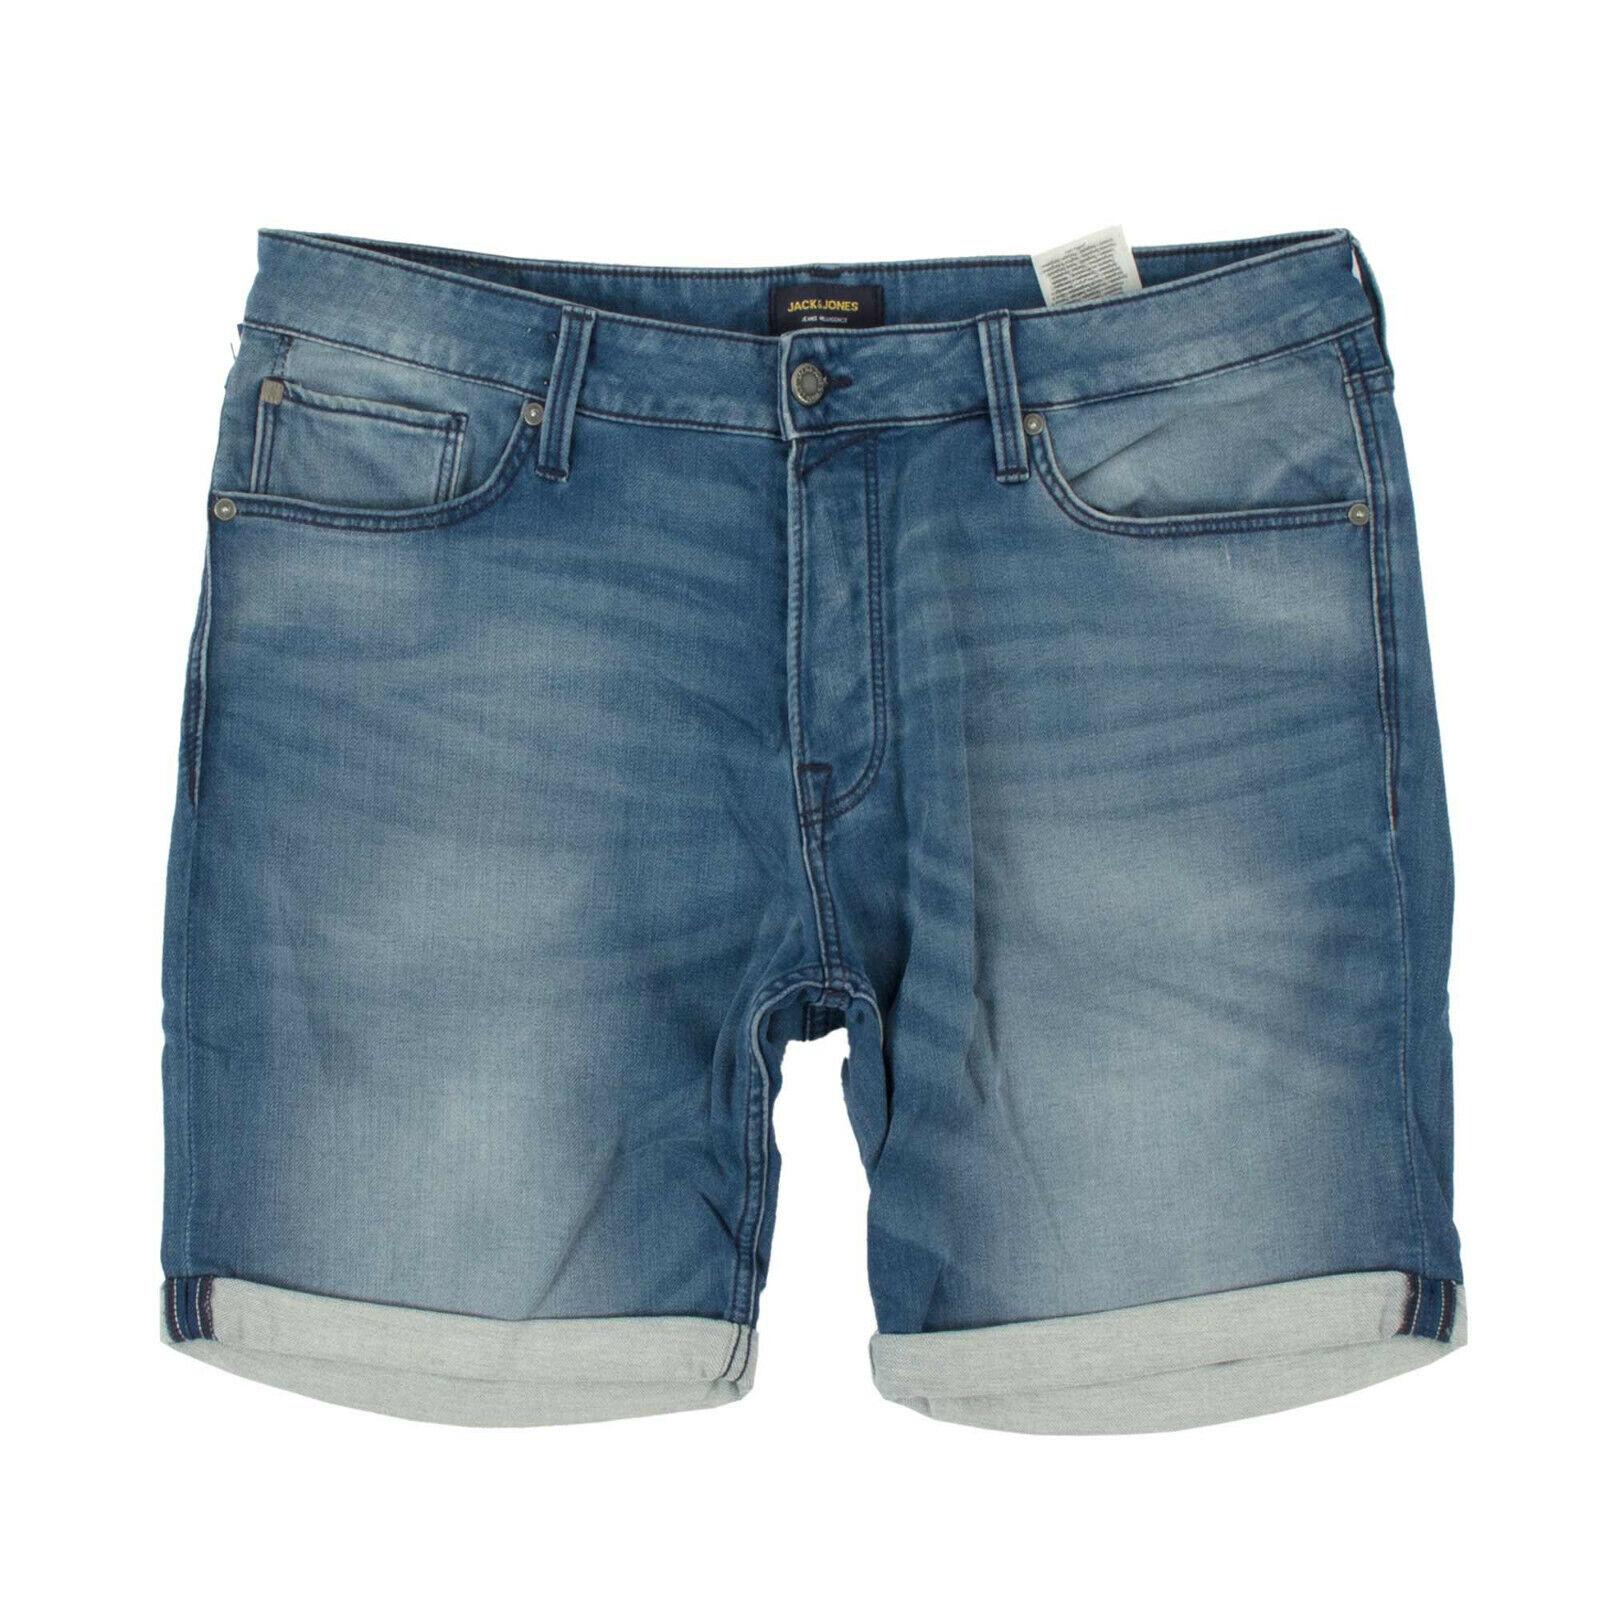 JACK & JONES Herren Jeans Shorts 12147066 Rick Blue Denim / 2XL / kurze Hose